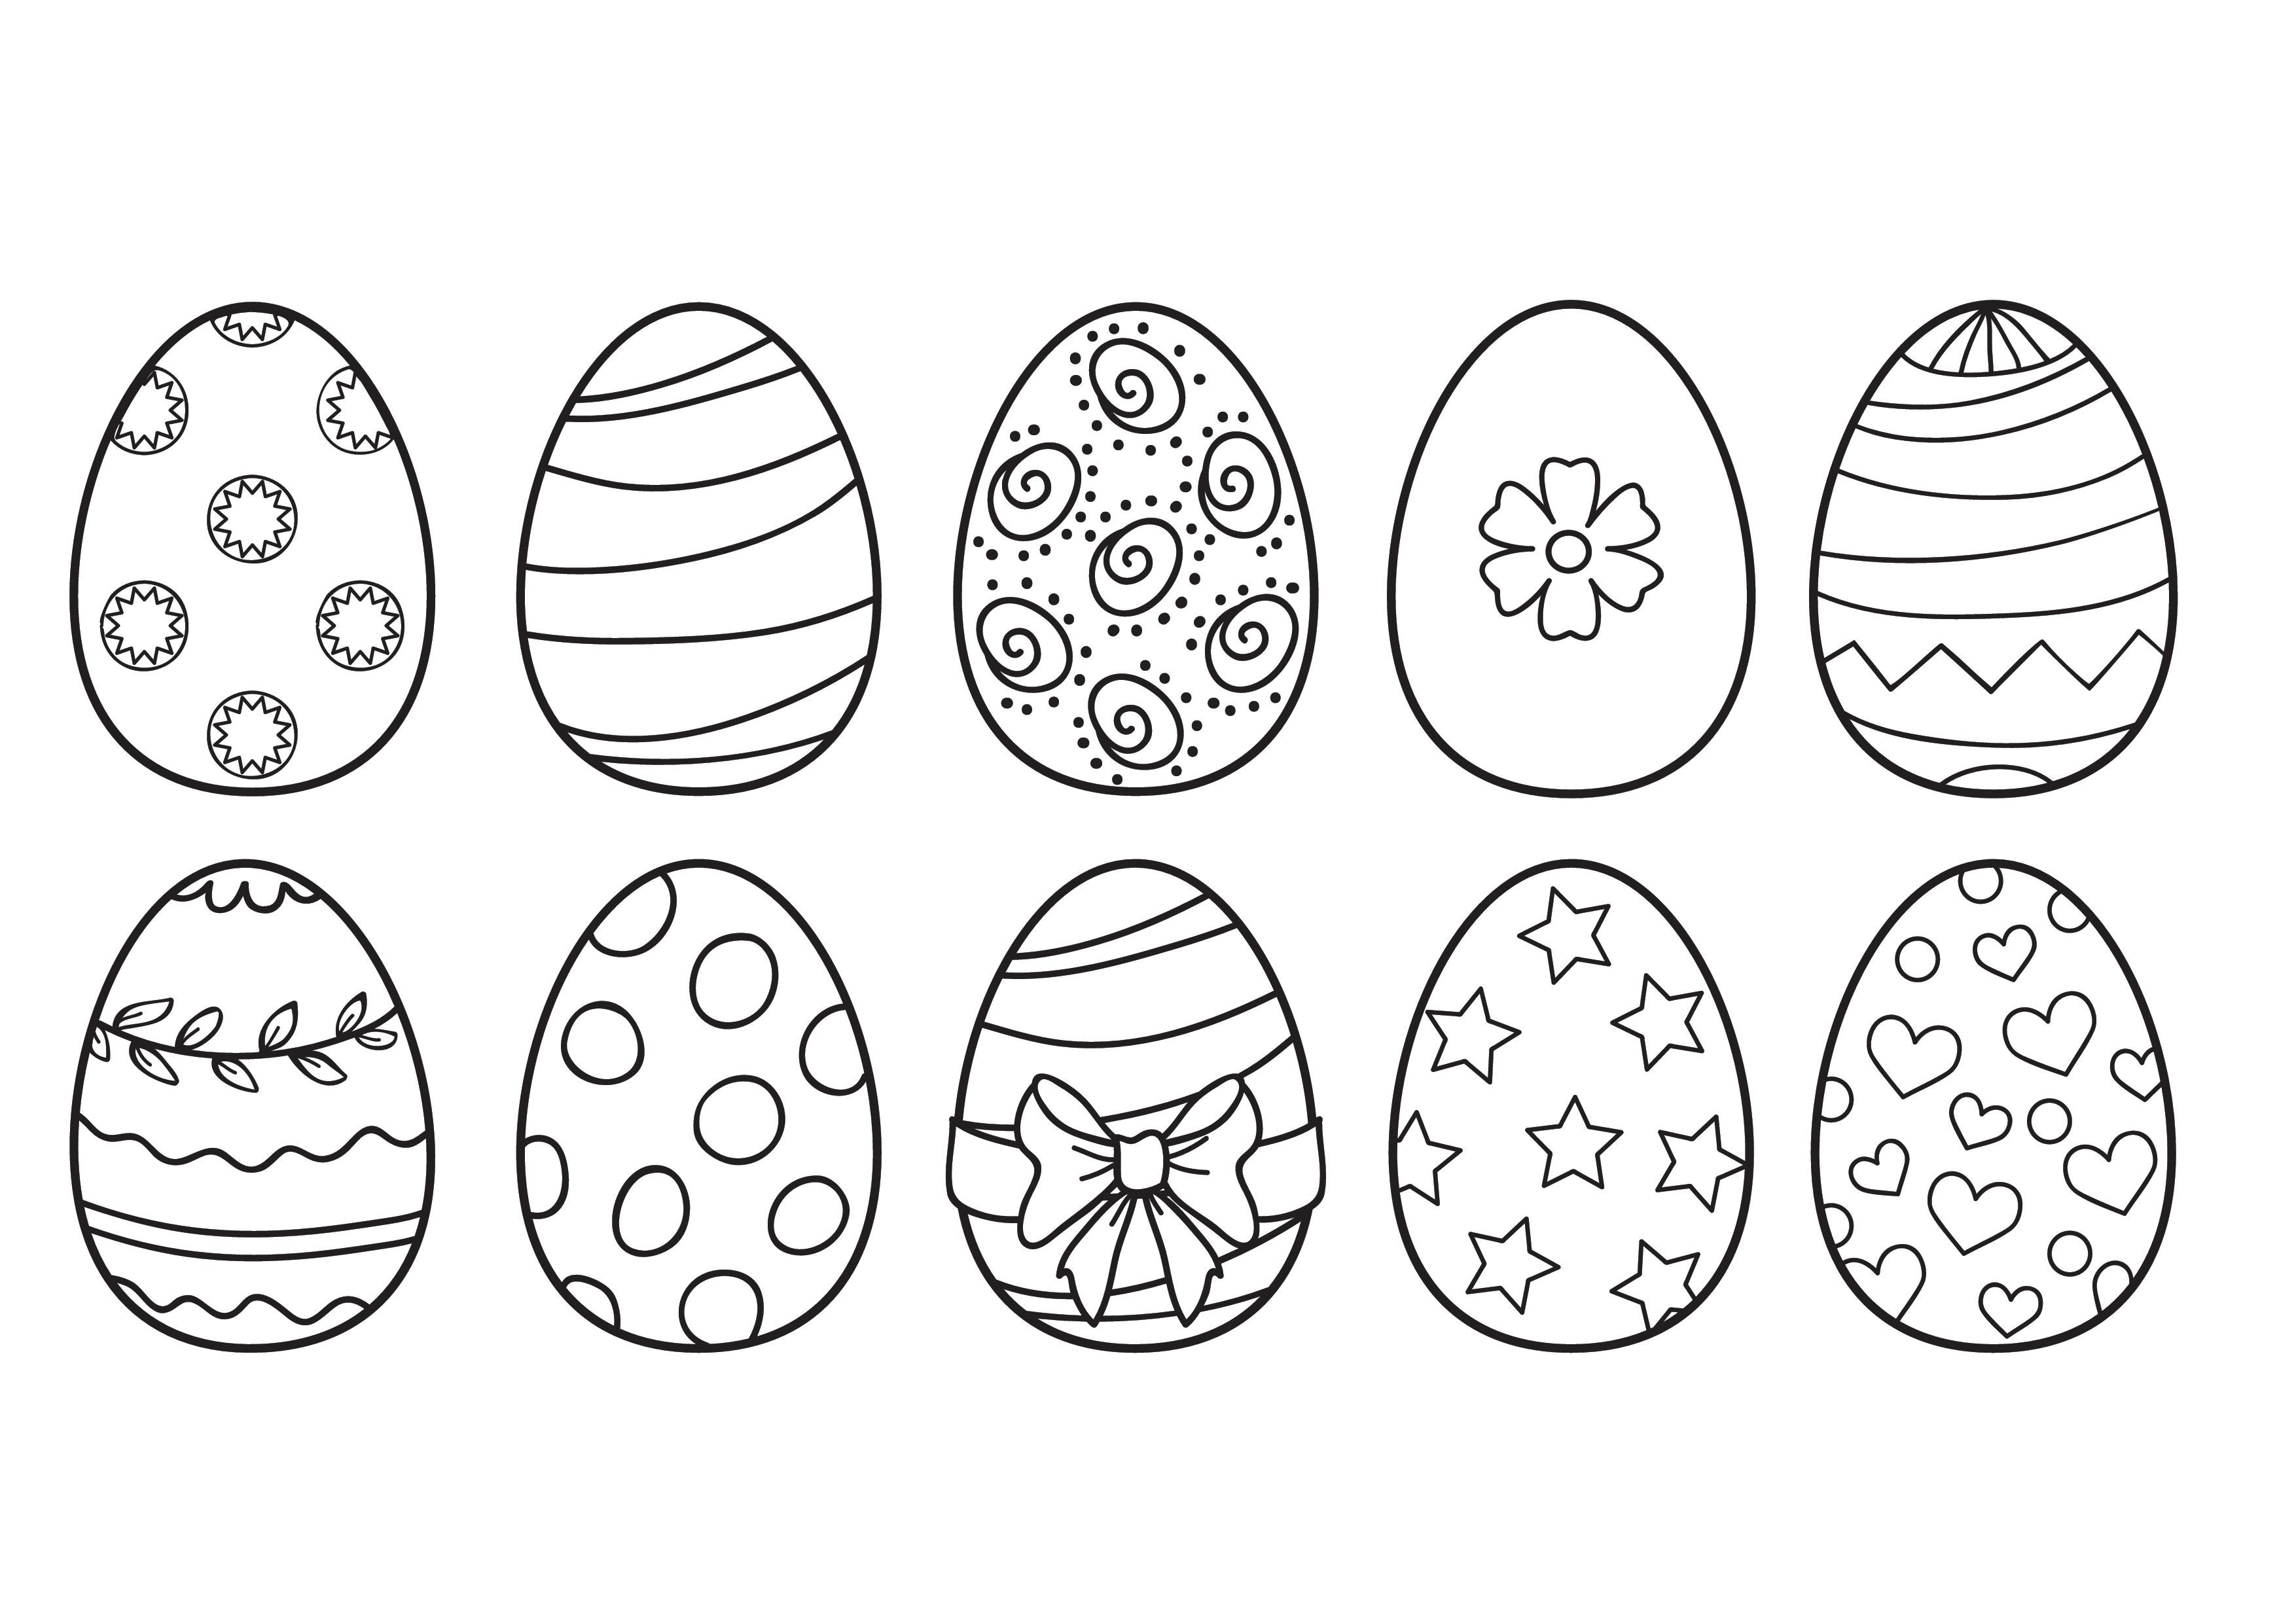 Encantador Juegos De Colorear Huevos De Pascua Foto - Dibujos Para ...